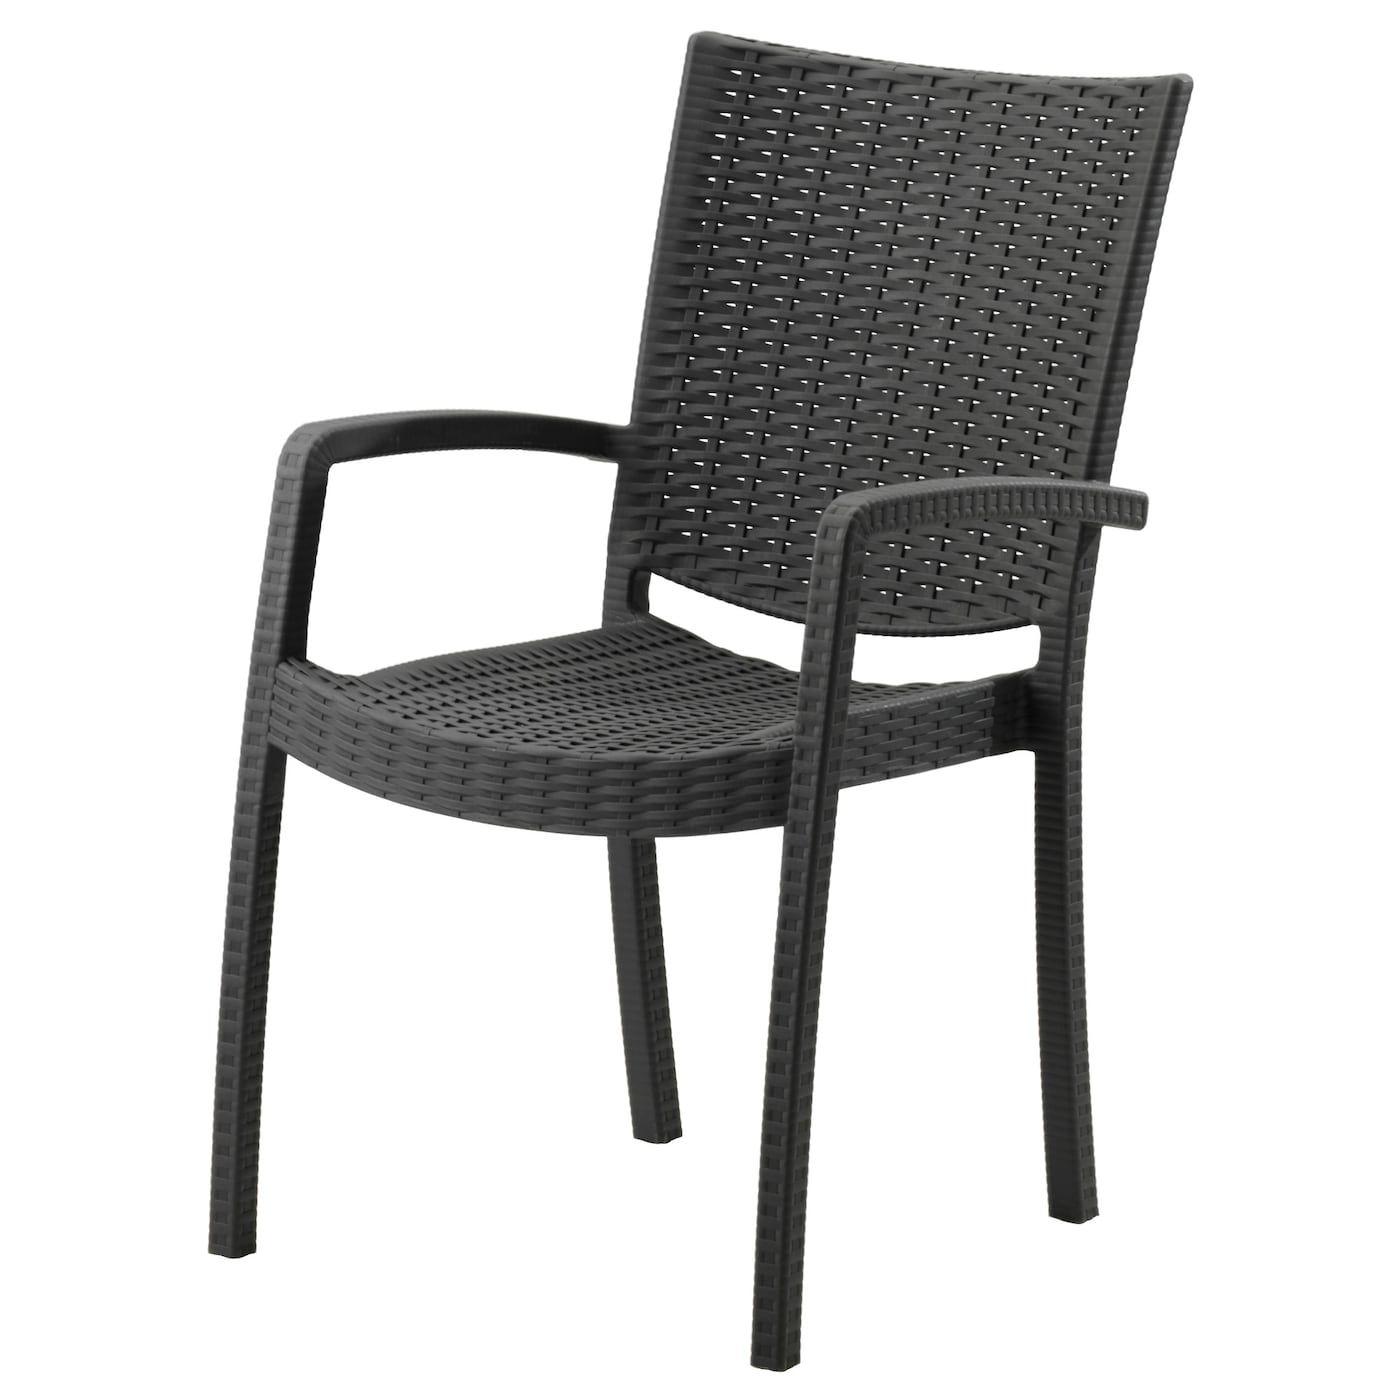 Innamo Armlehnstuhl Aussen Dunkelgrau Ikea Outdoor Ikea